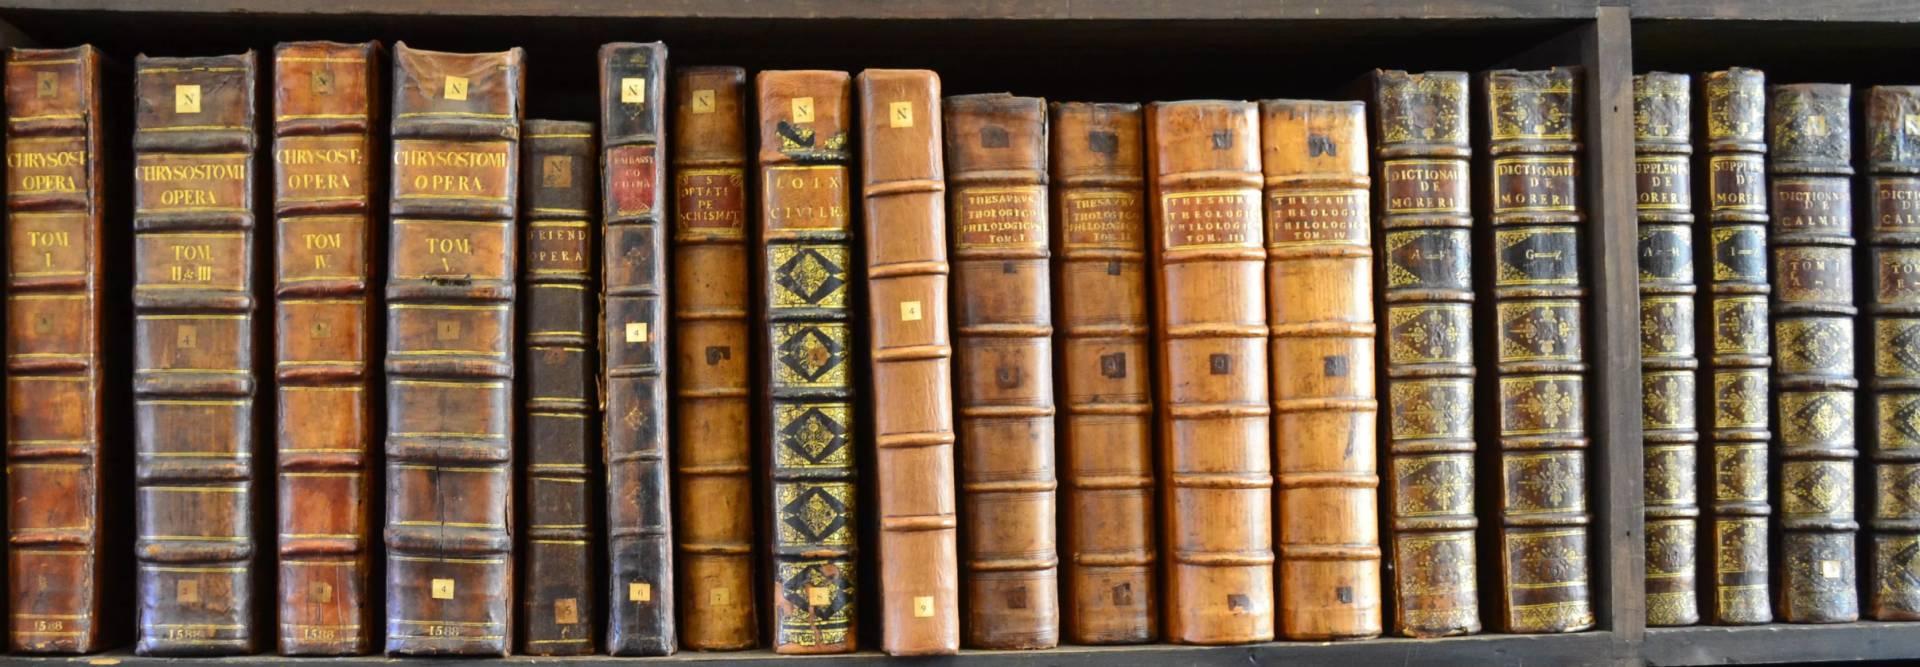 Üdvözöljük a Szatmári Római Katolikus Egyházmegye könyvtárának honlapján!